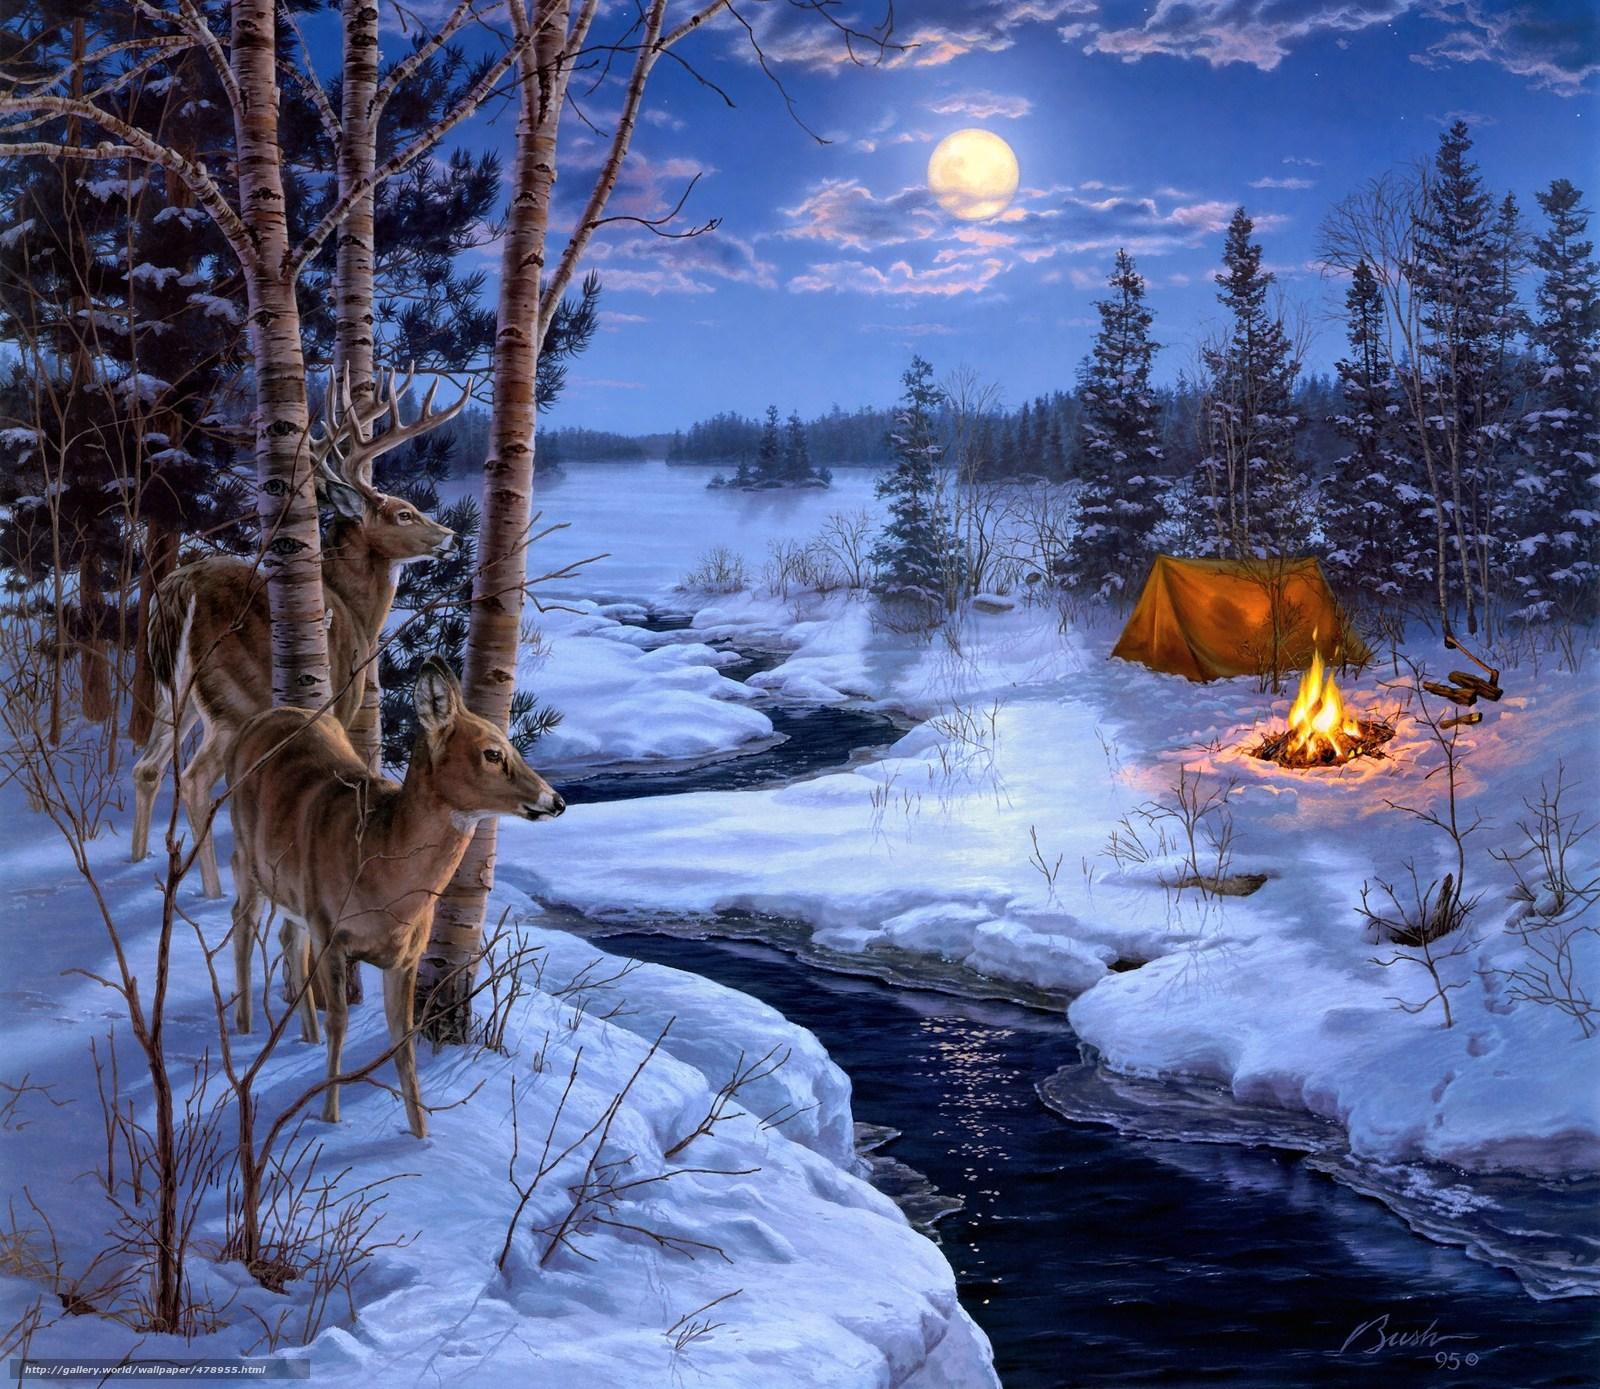 Tlcharger fond d 39 ecran peinture hiver neige animaux for Fond ecran hiver animaux